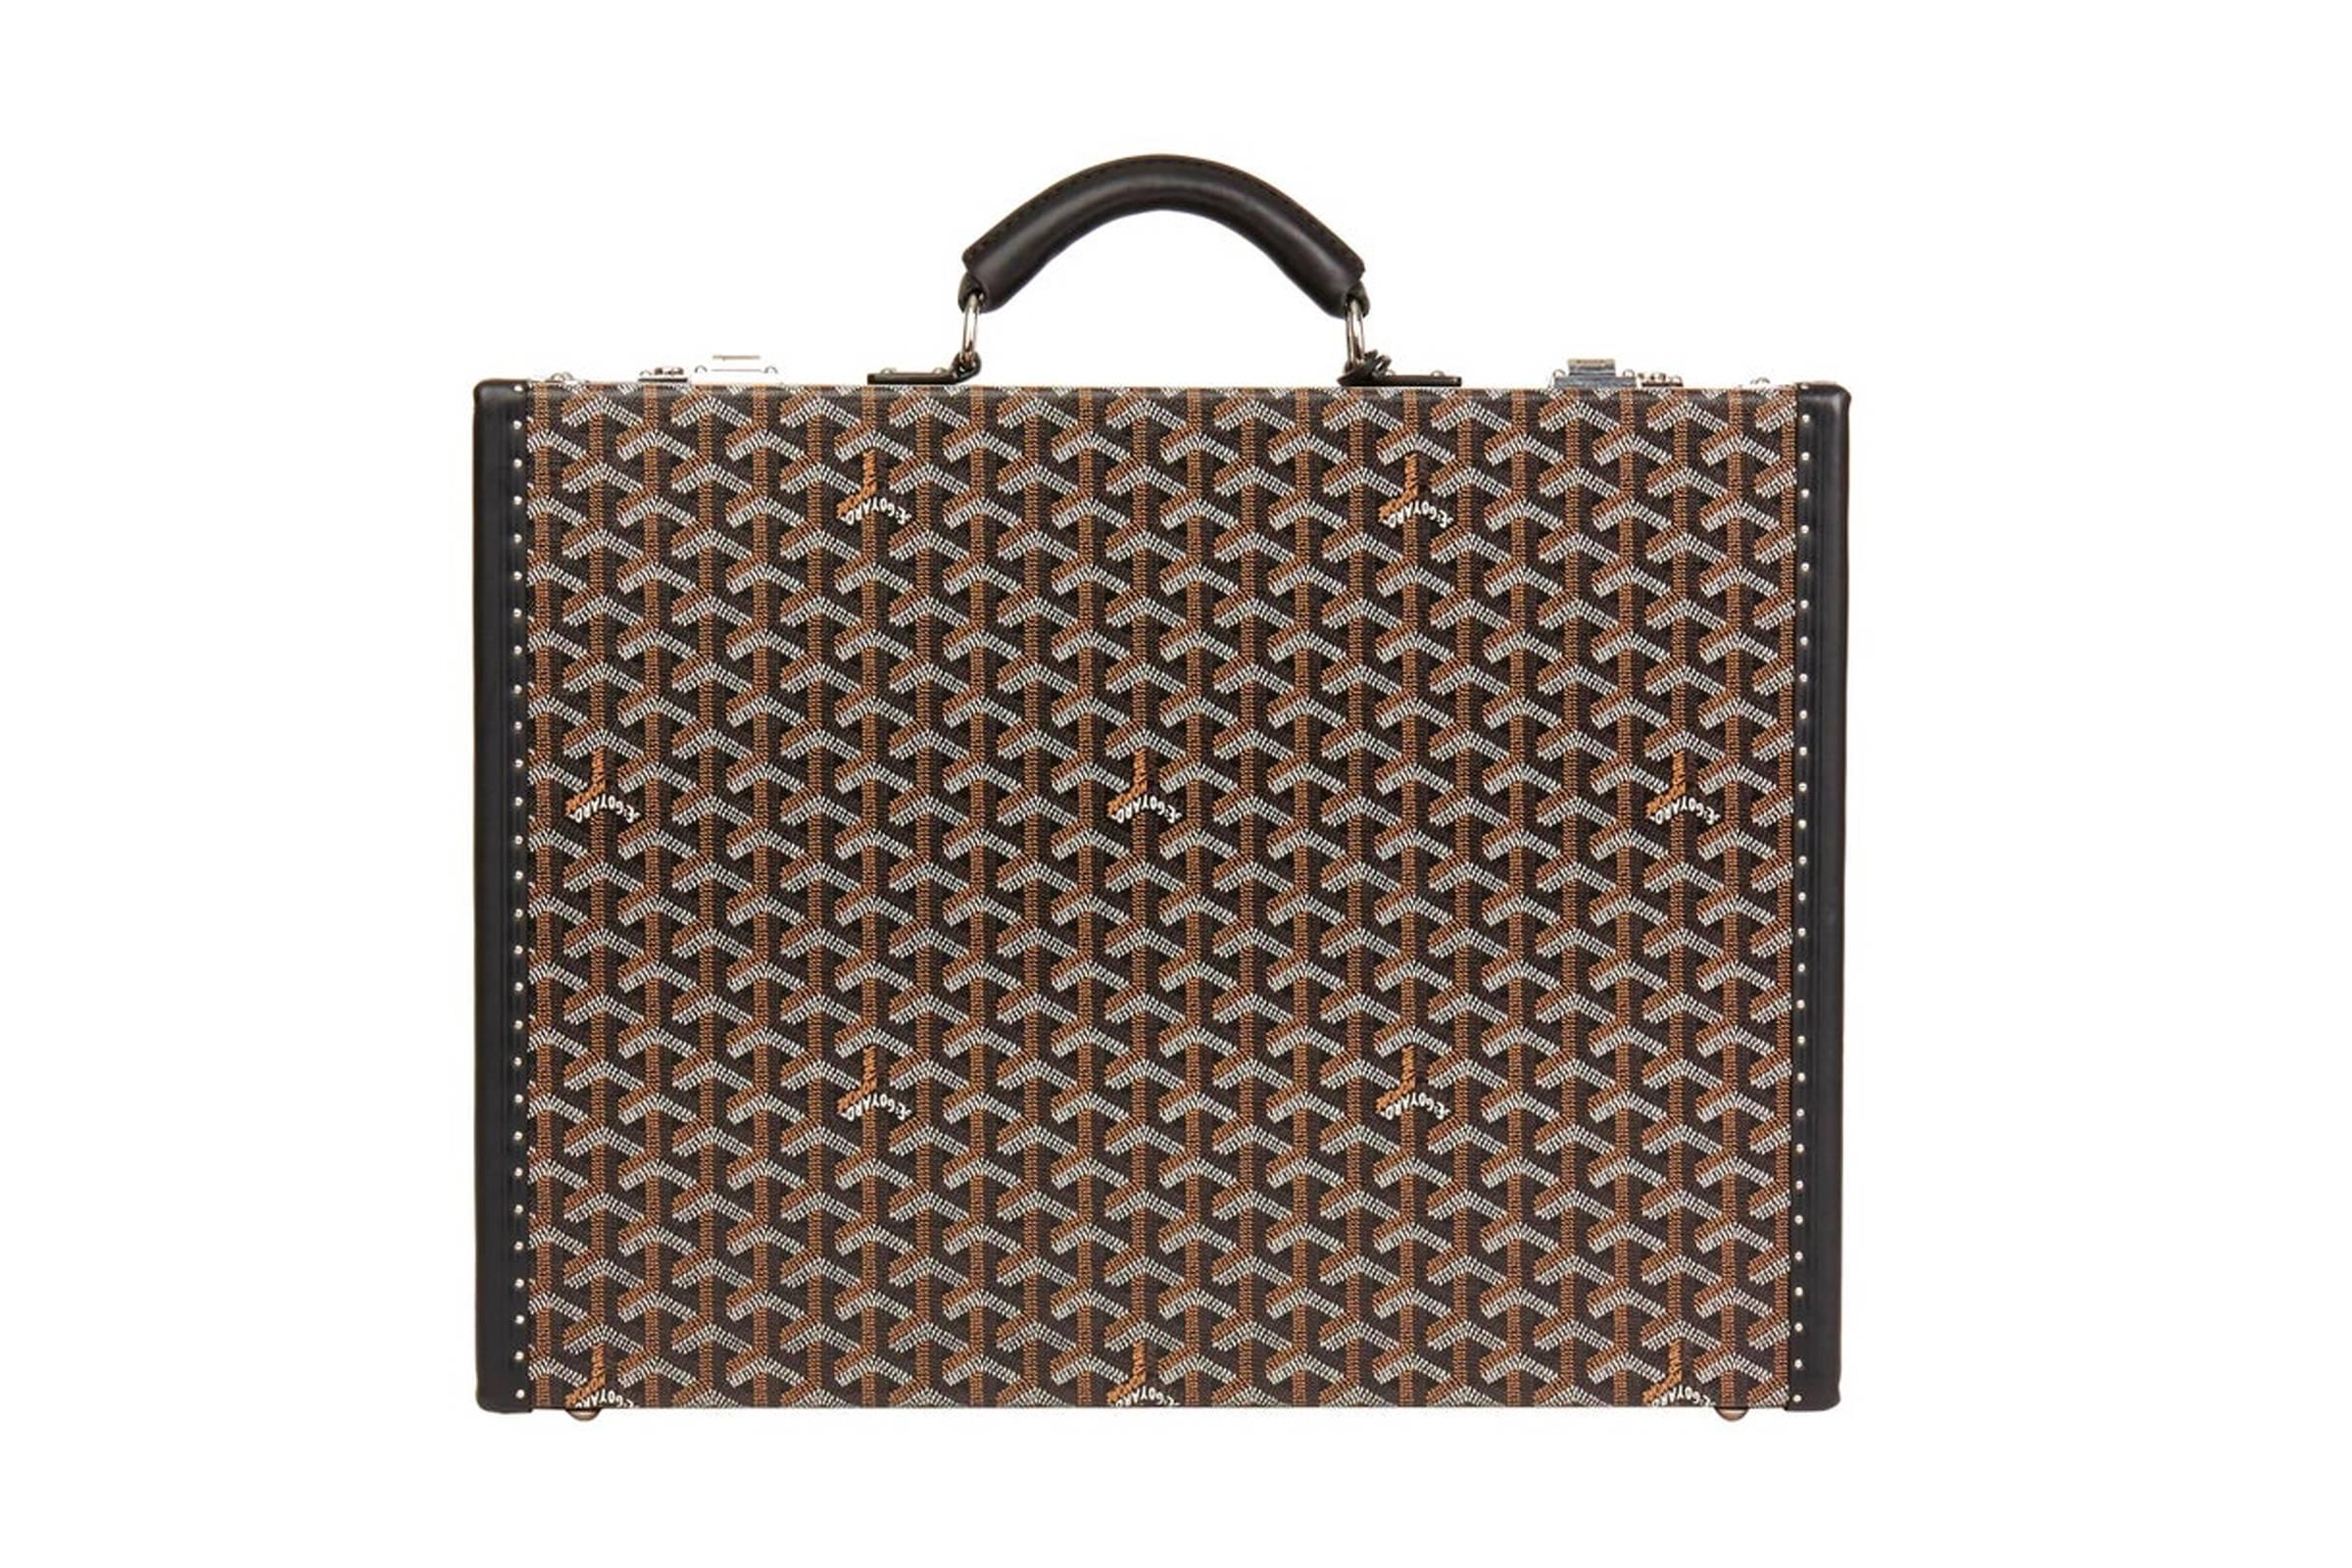 Goyard Mallete Manoir Briefcase